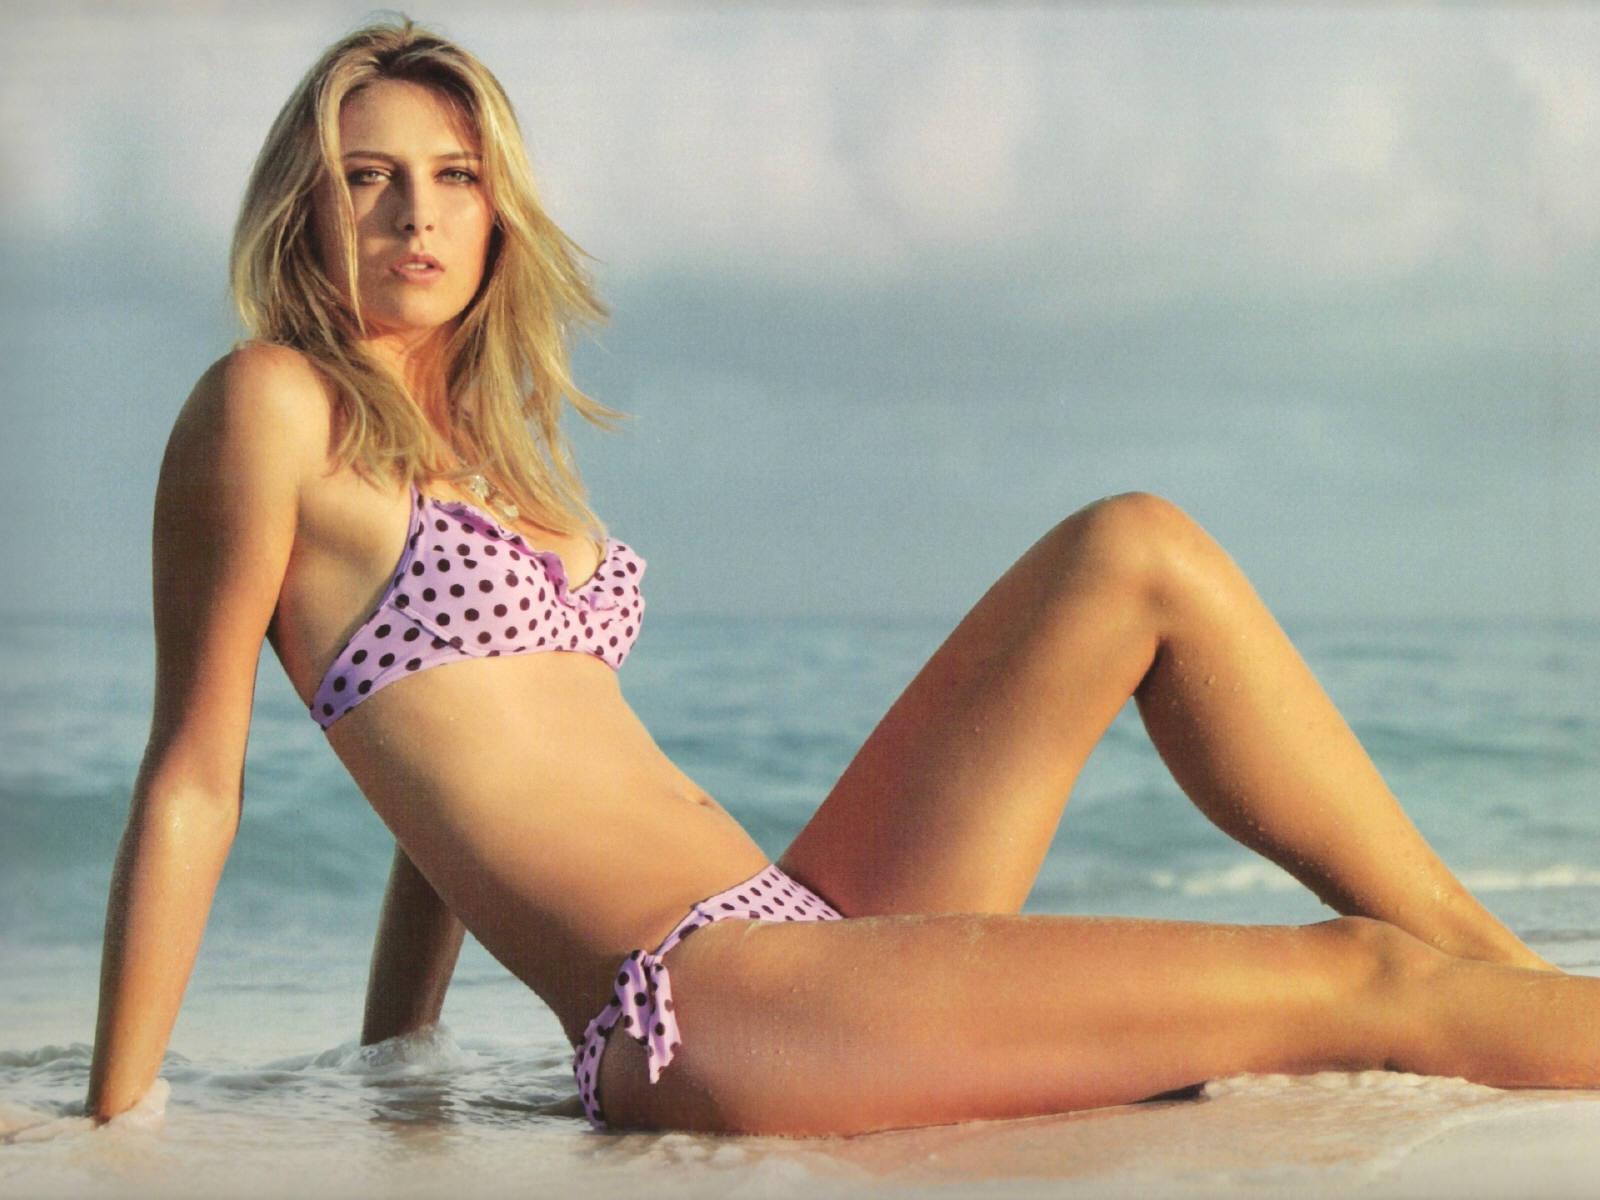 Hot Sports Celebrities: Maria Sharapova Hot